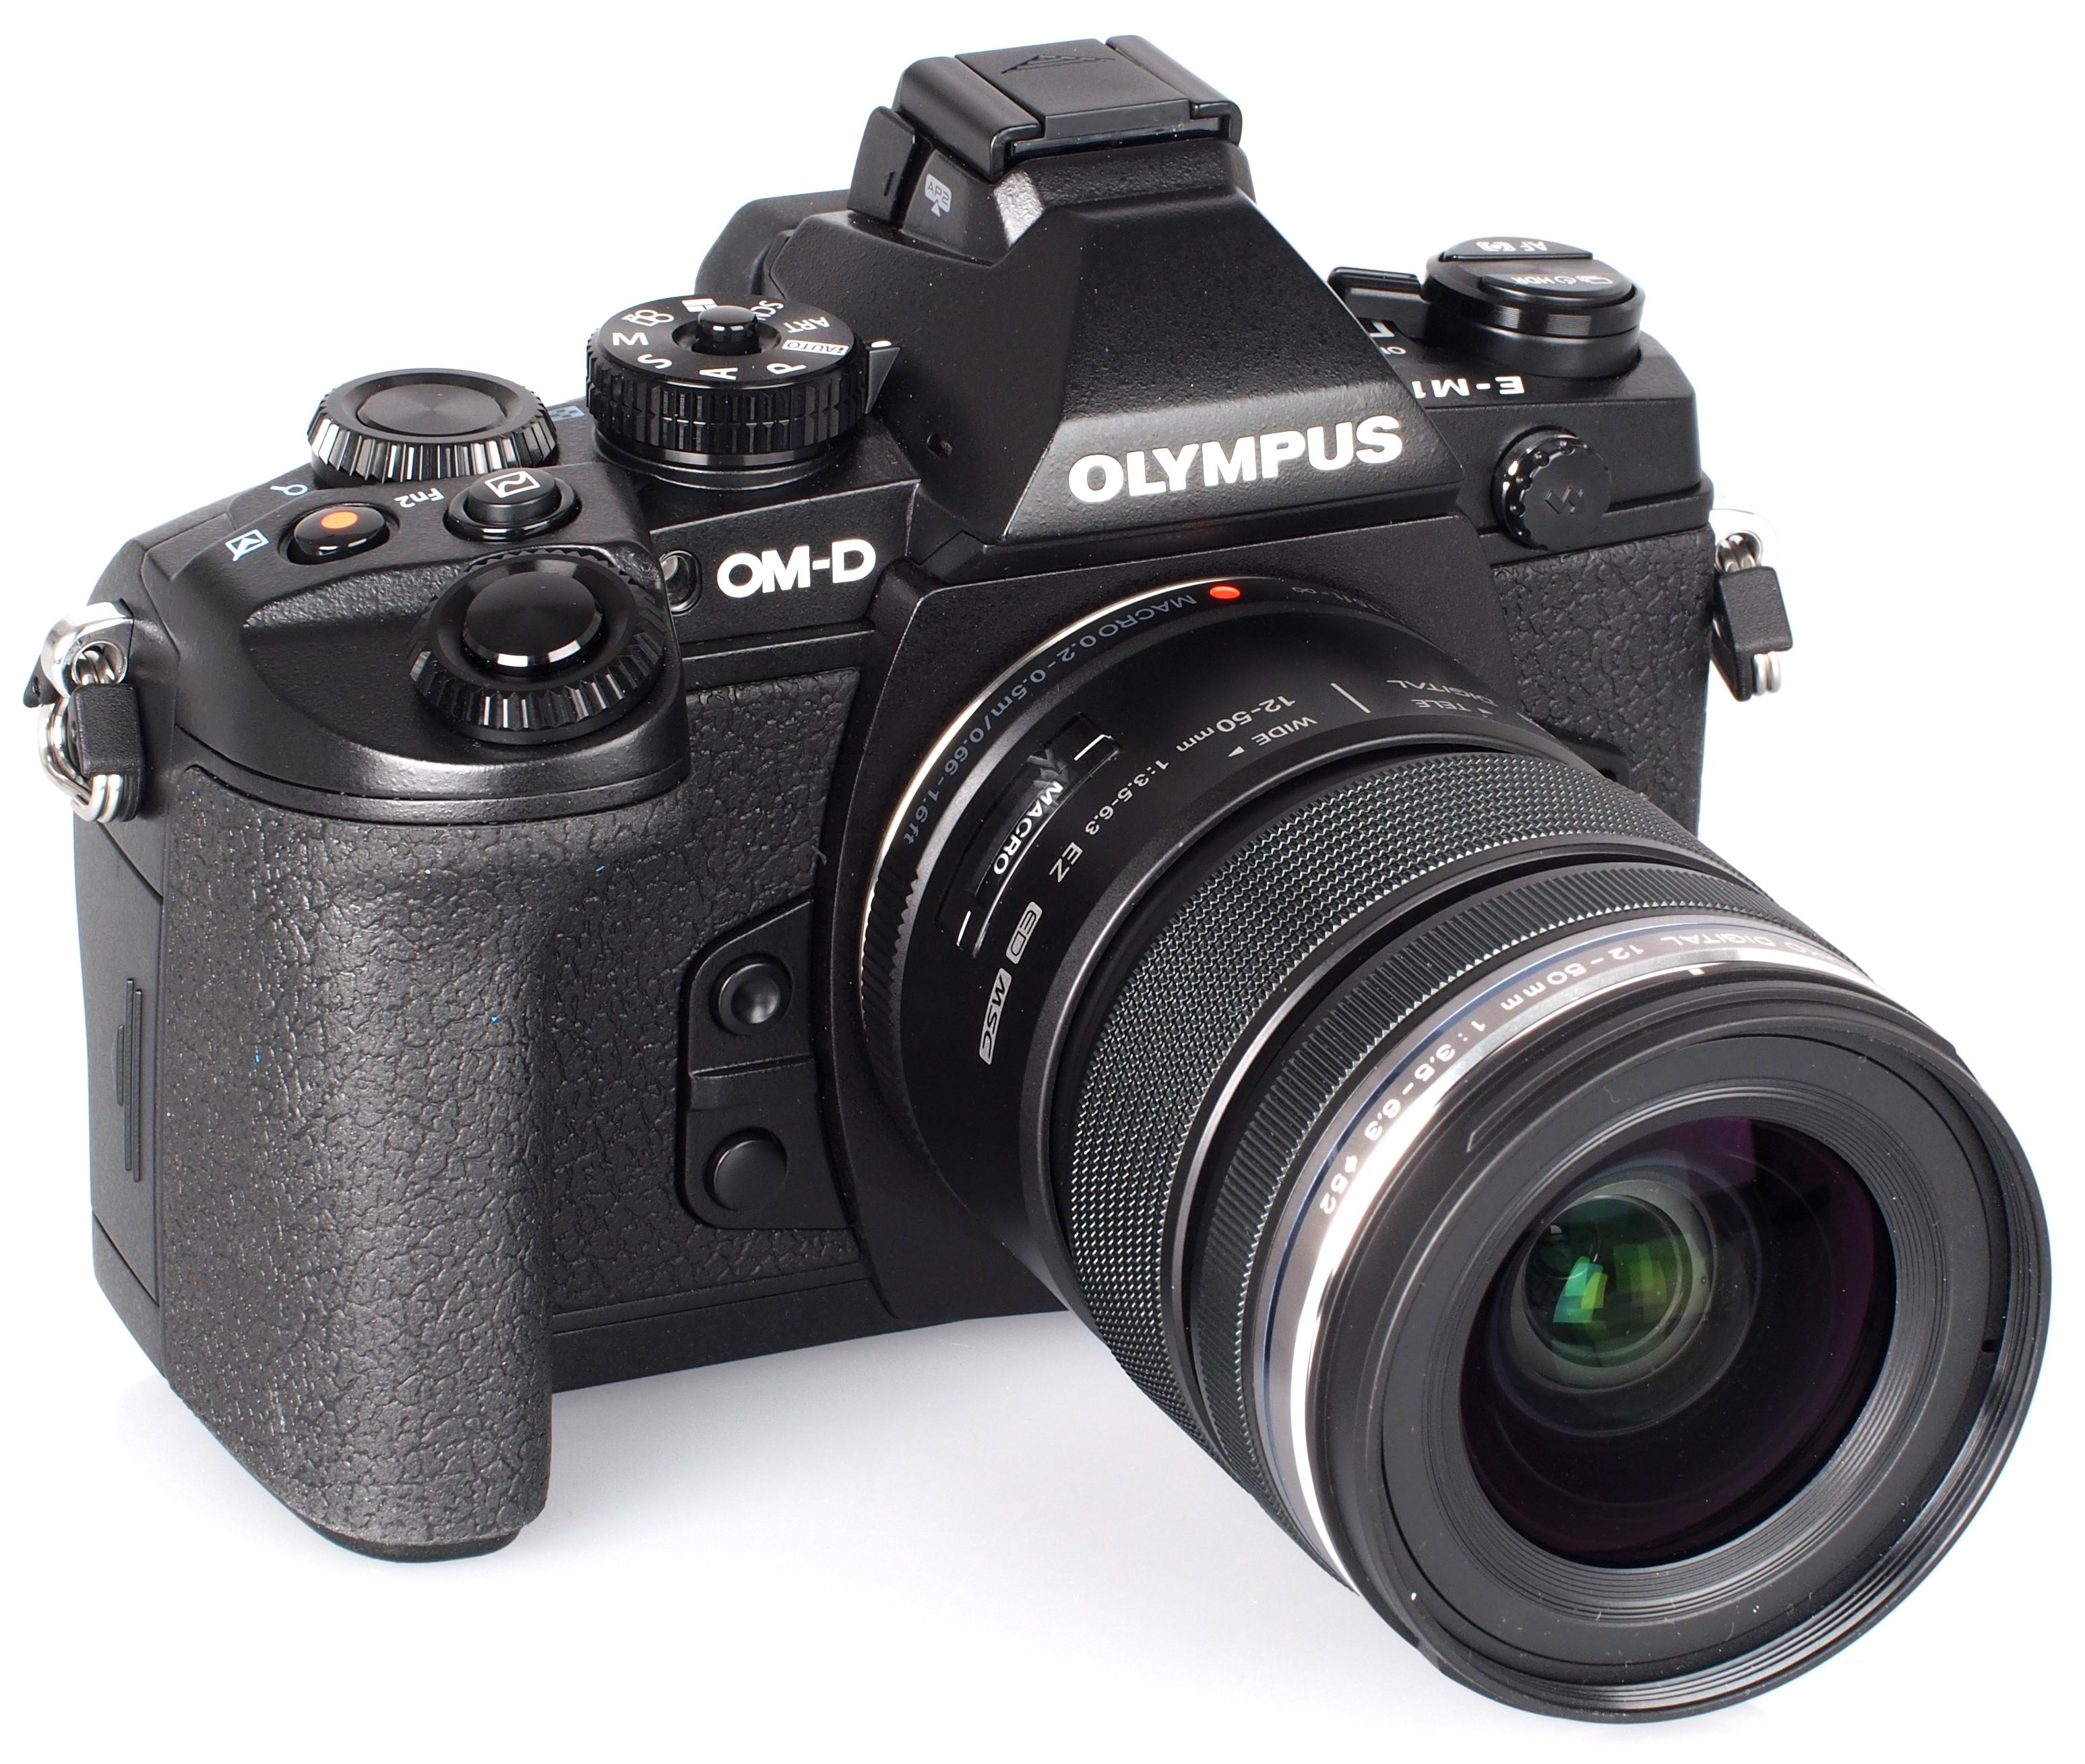 Olympus Om D E M1 Full Review